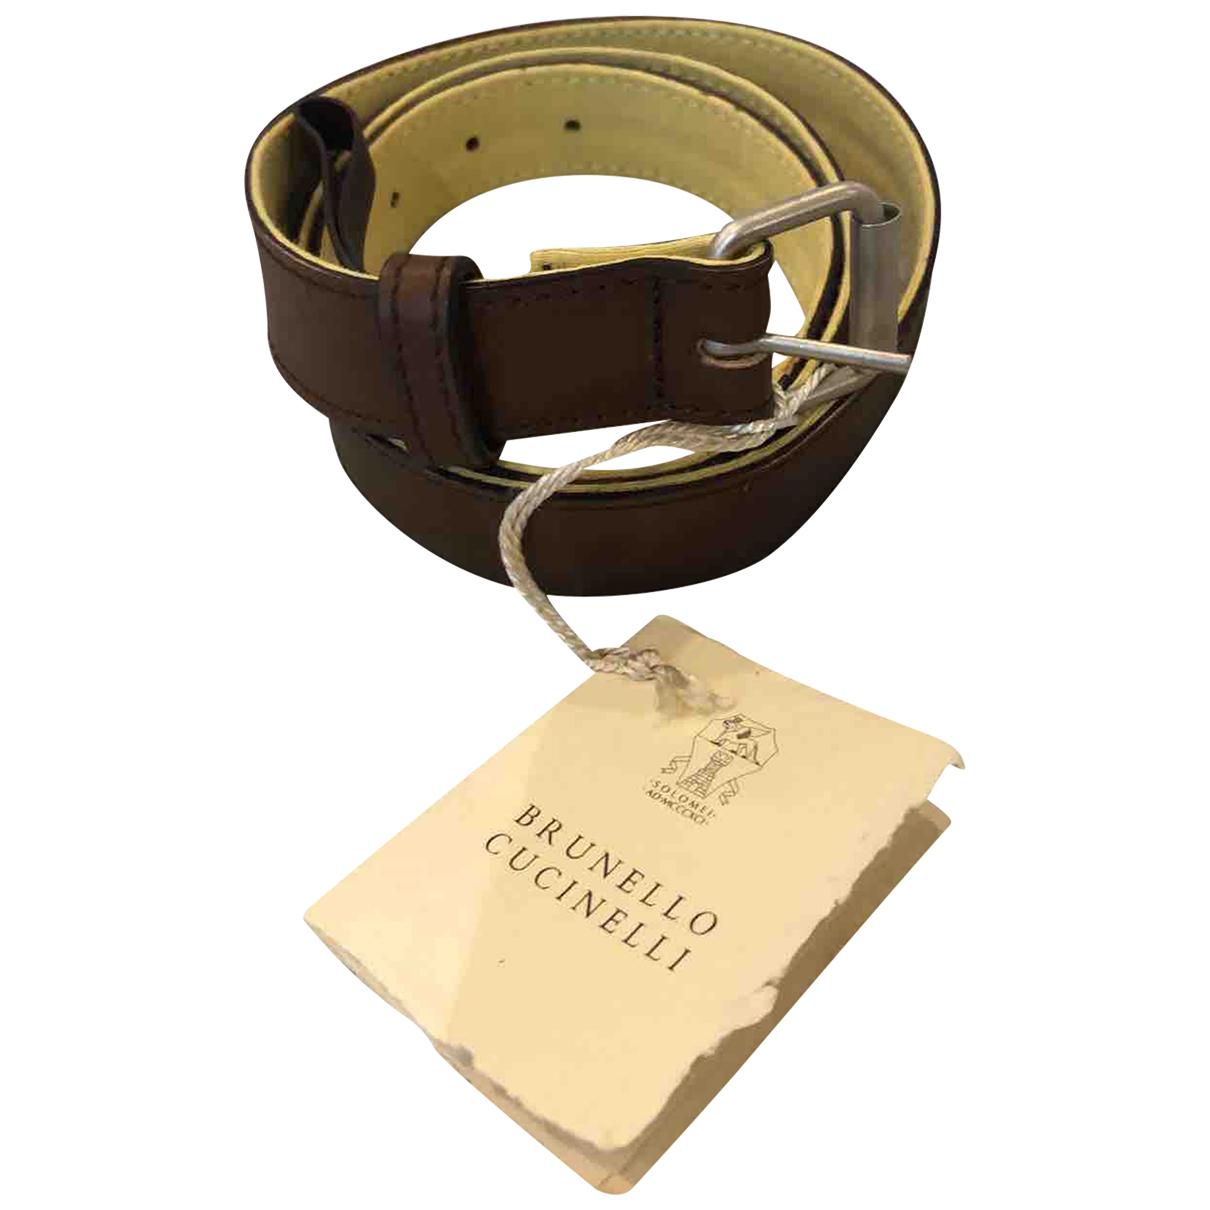 Cinturon de Cuero Brunello Cucinelli